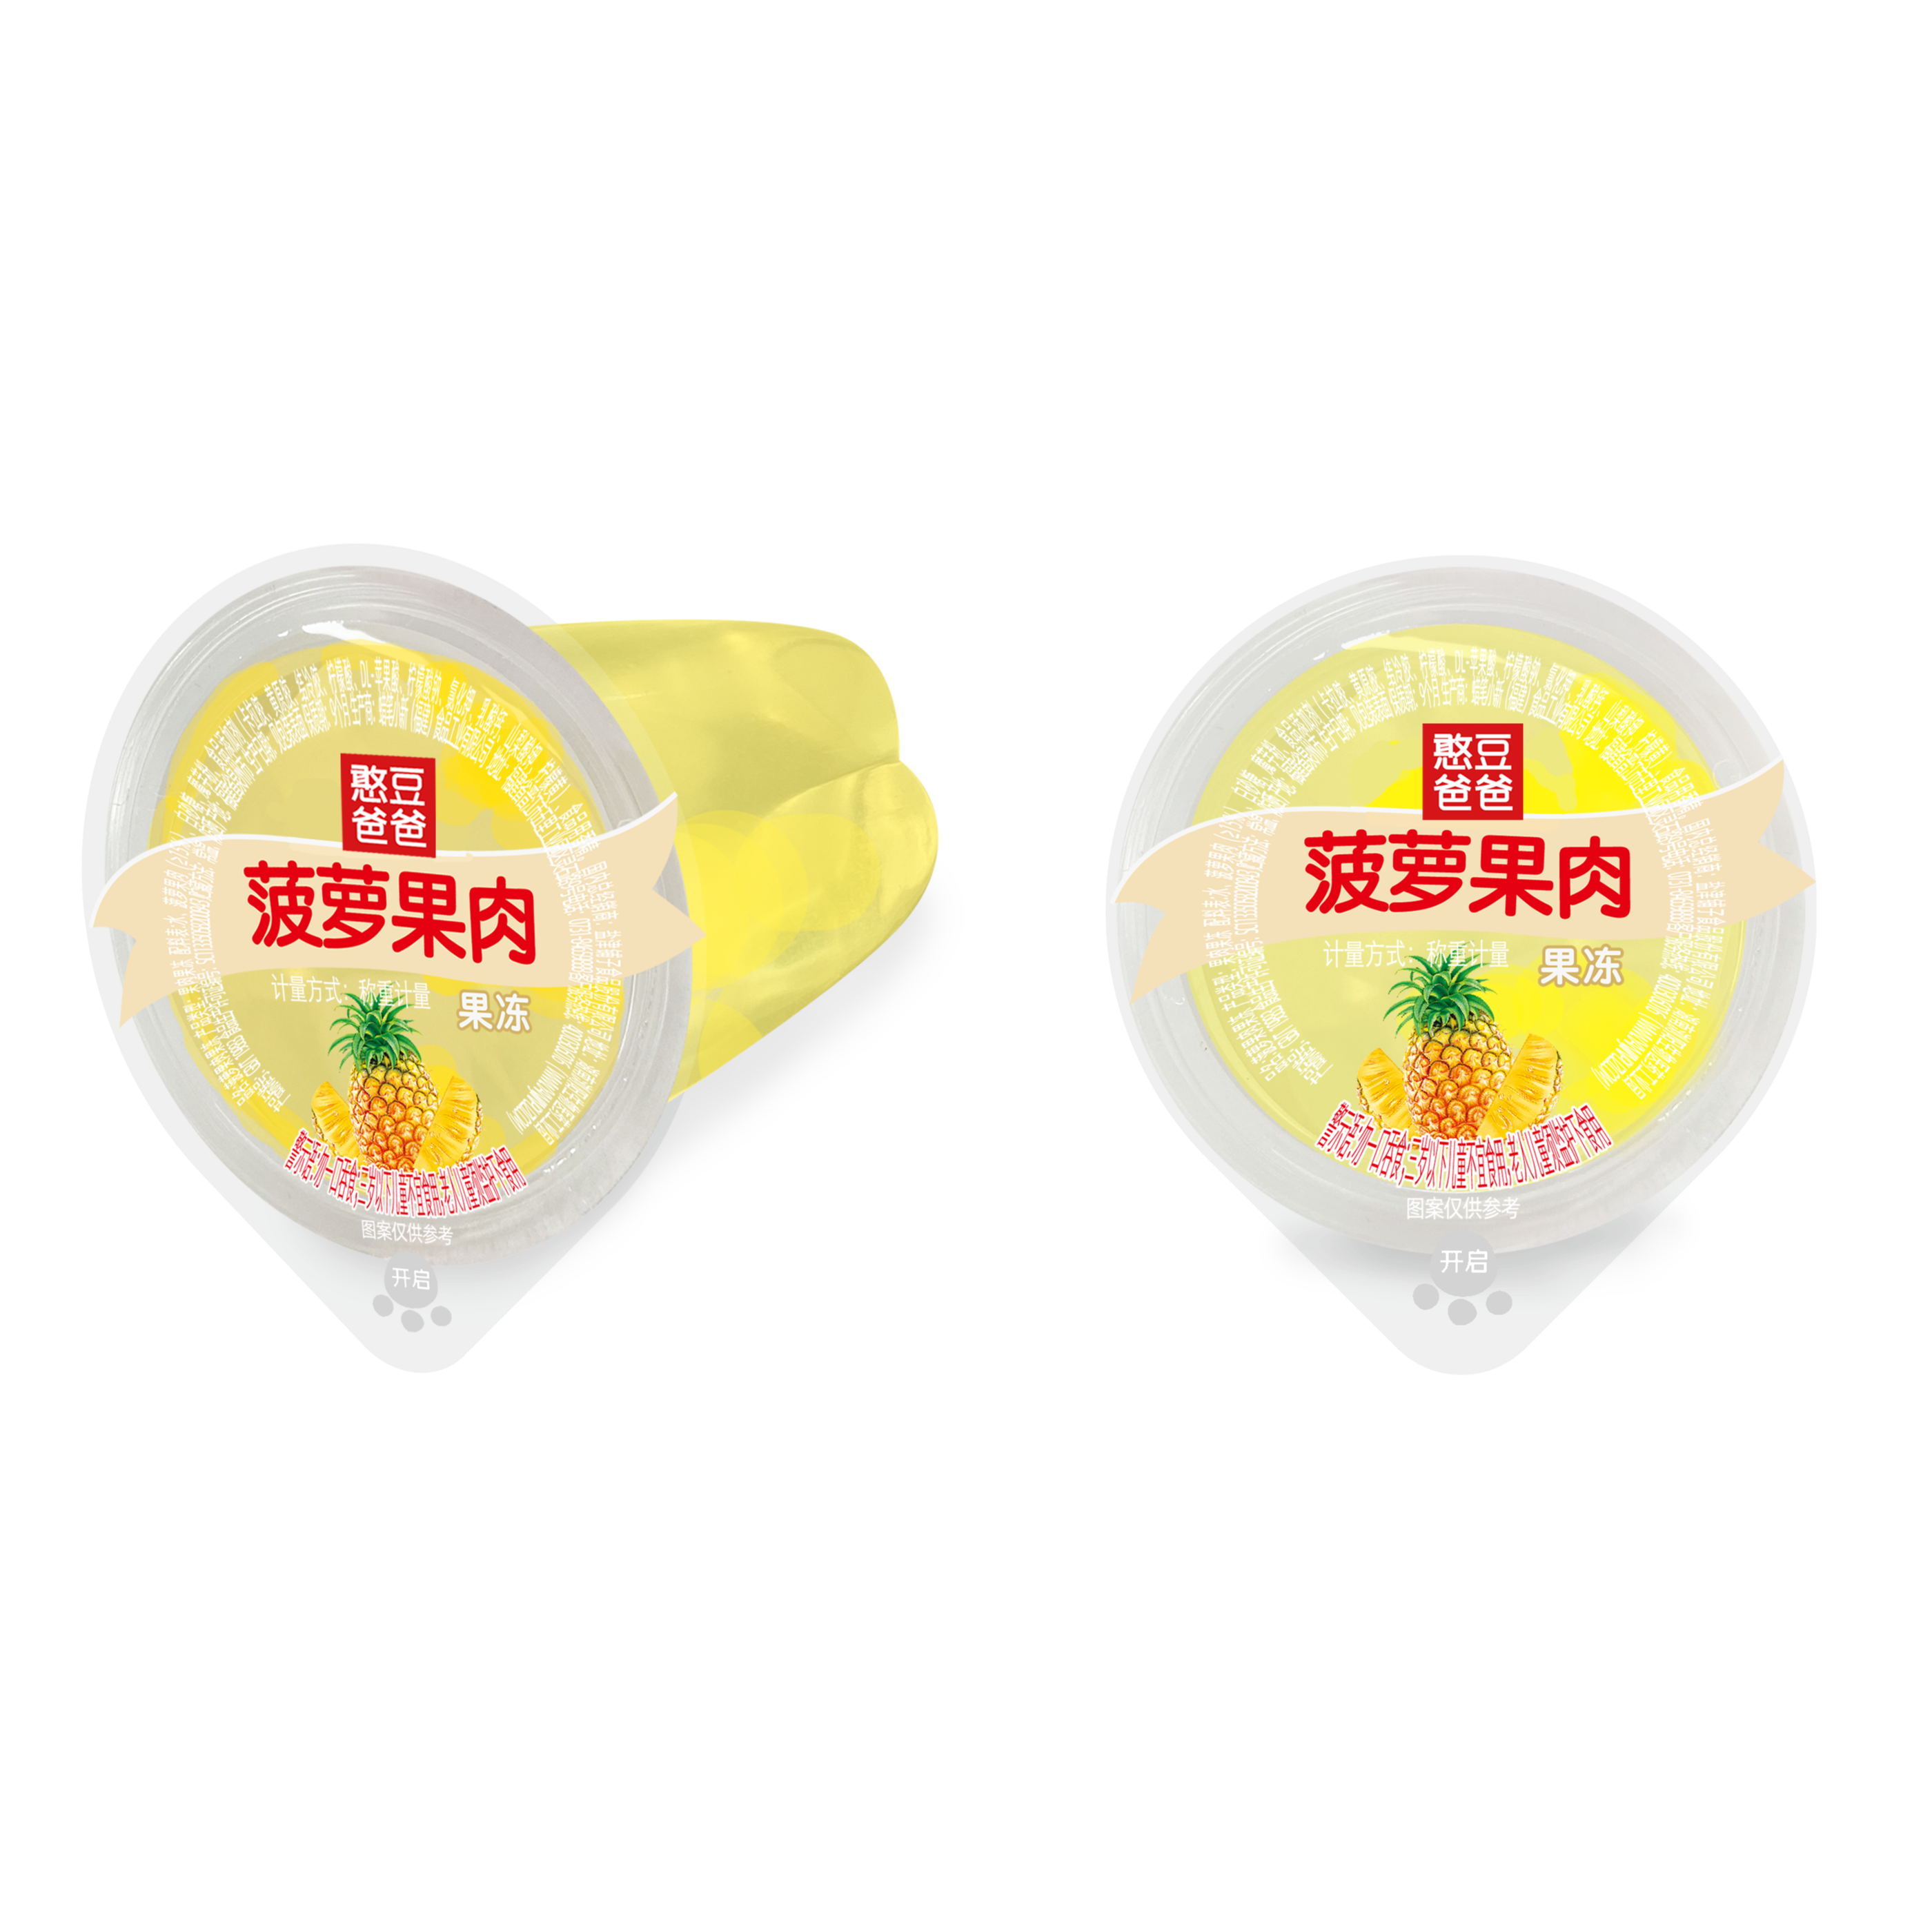 菠萝果肉果冻